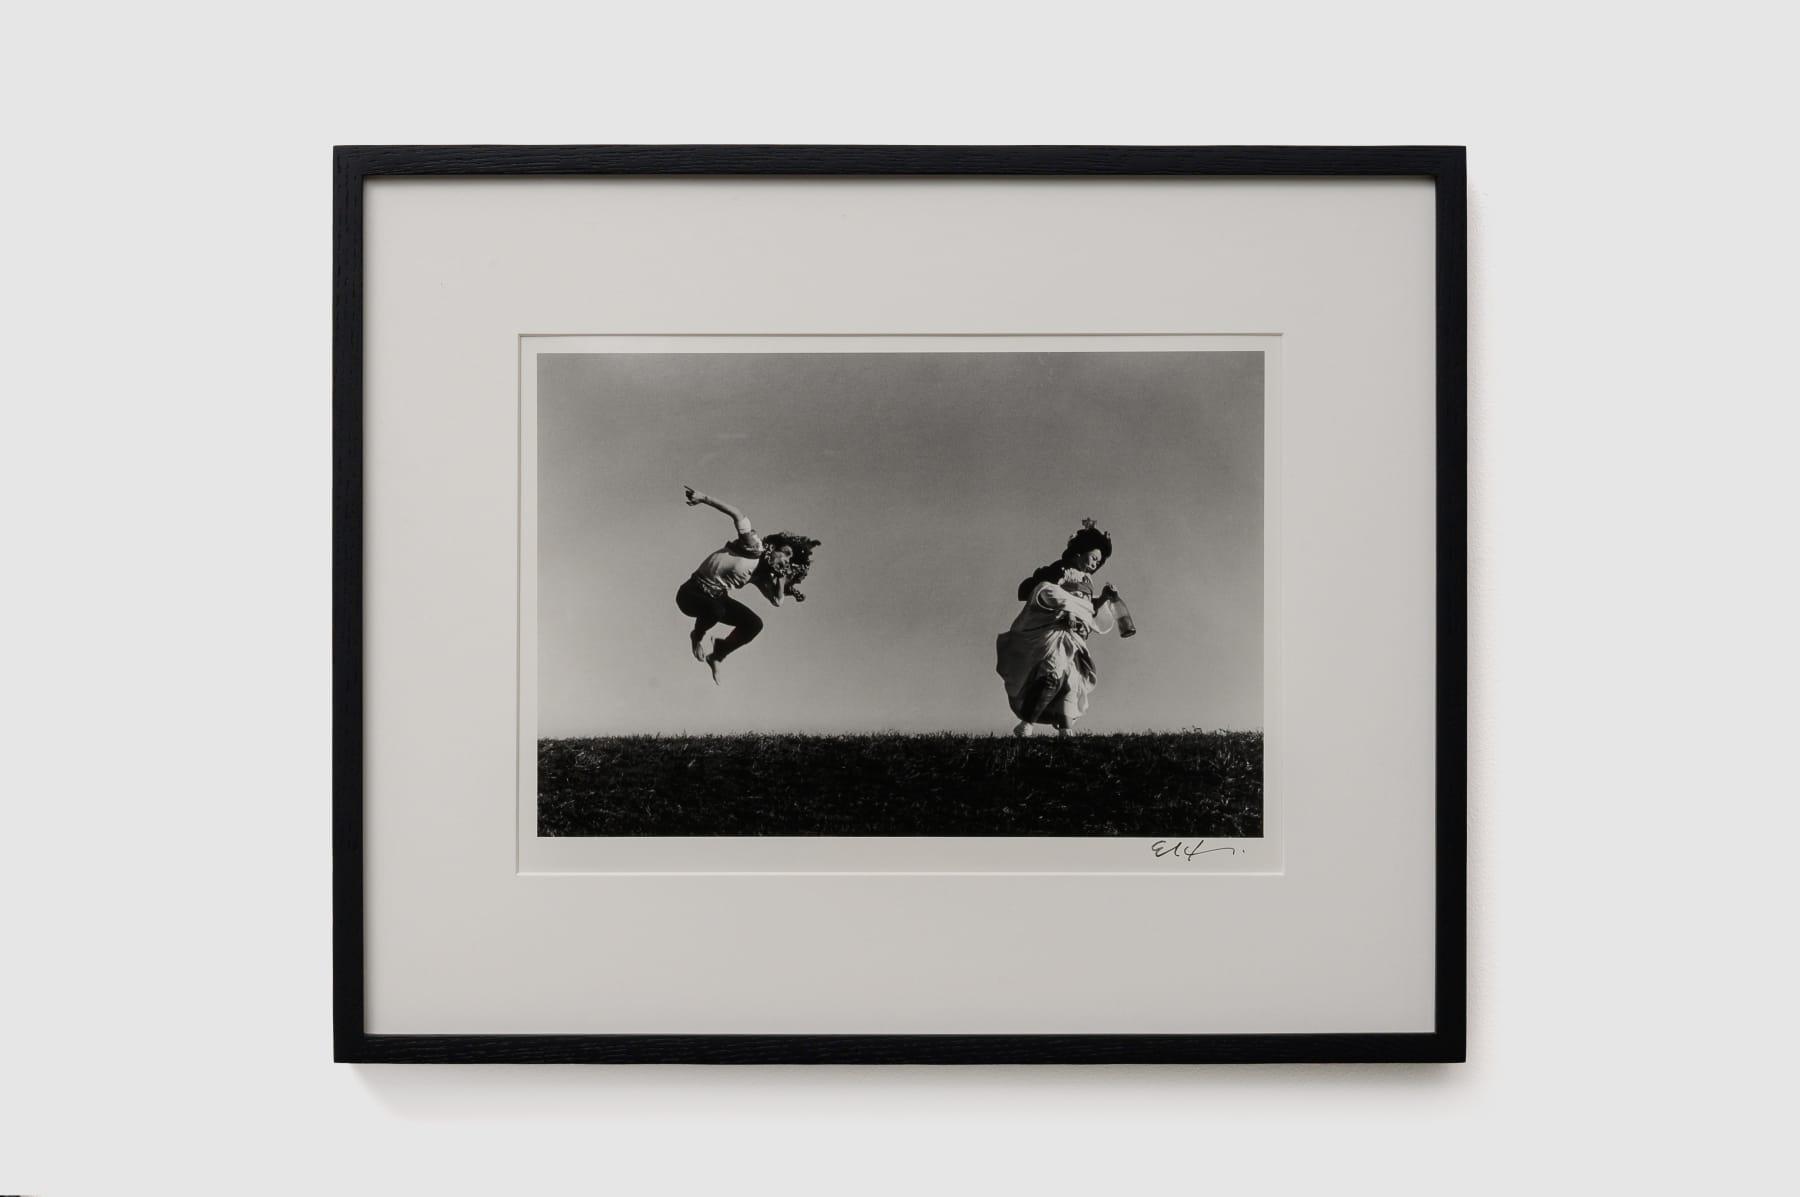 Eikoh Hosoe, Kamaitachi #41, 1968/2013